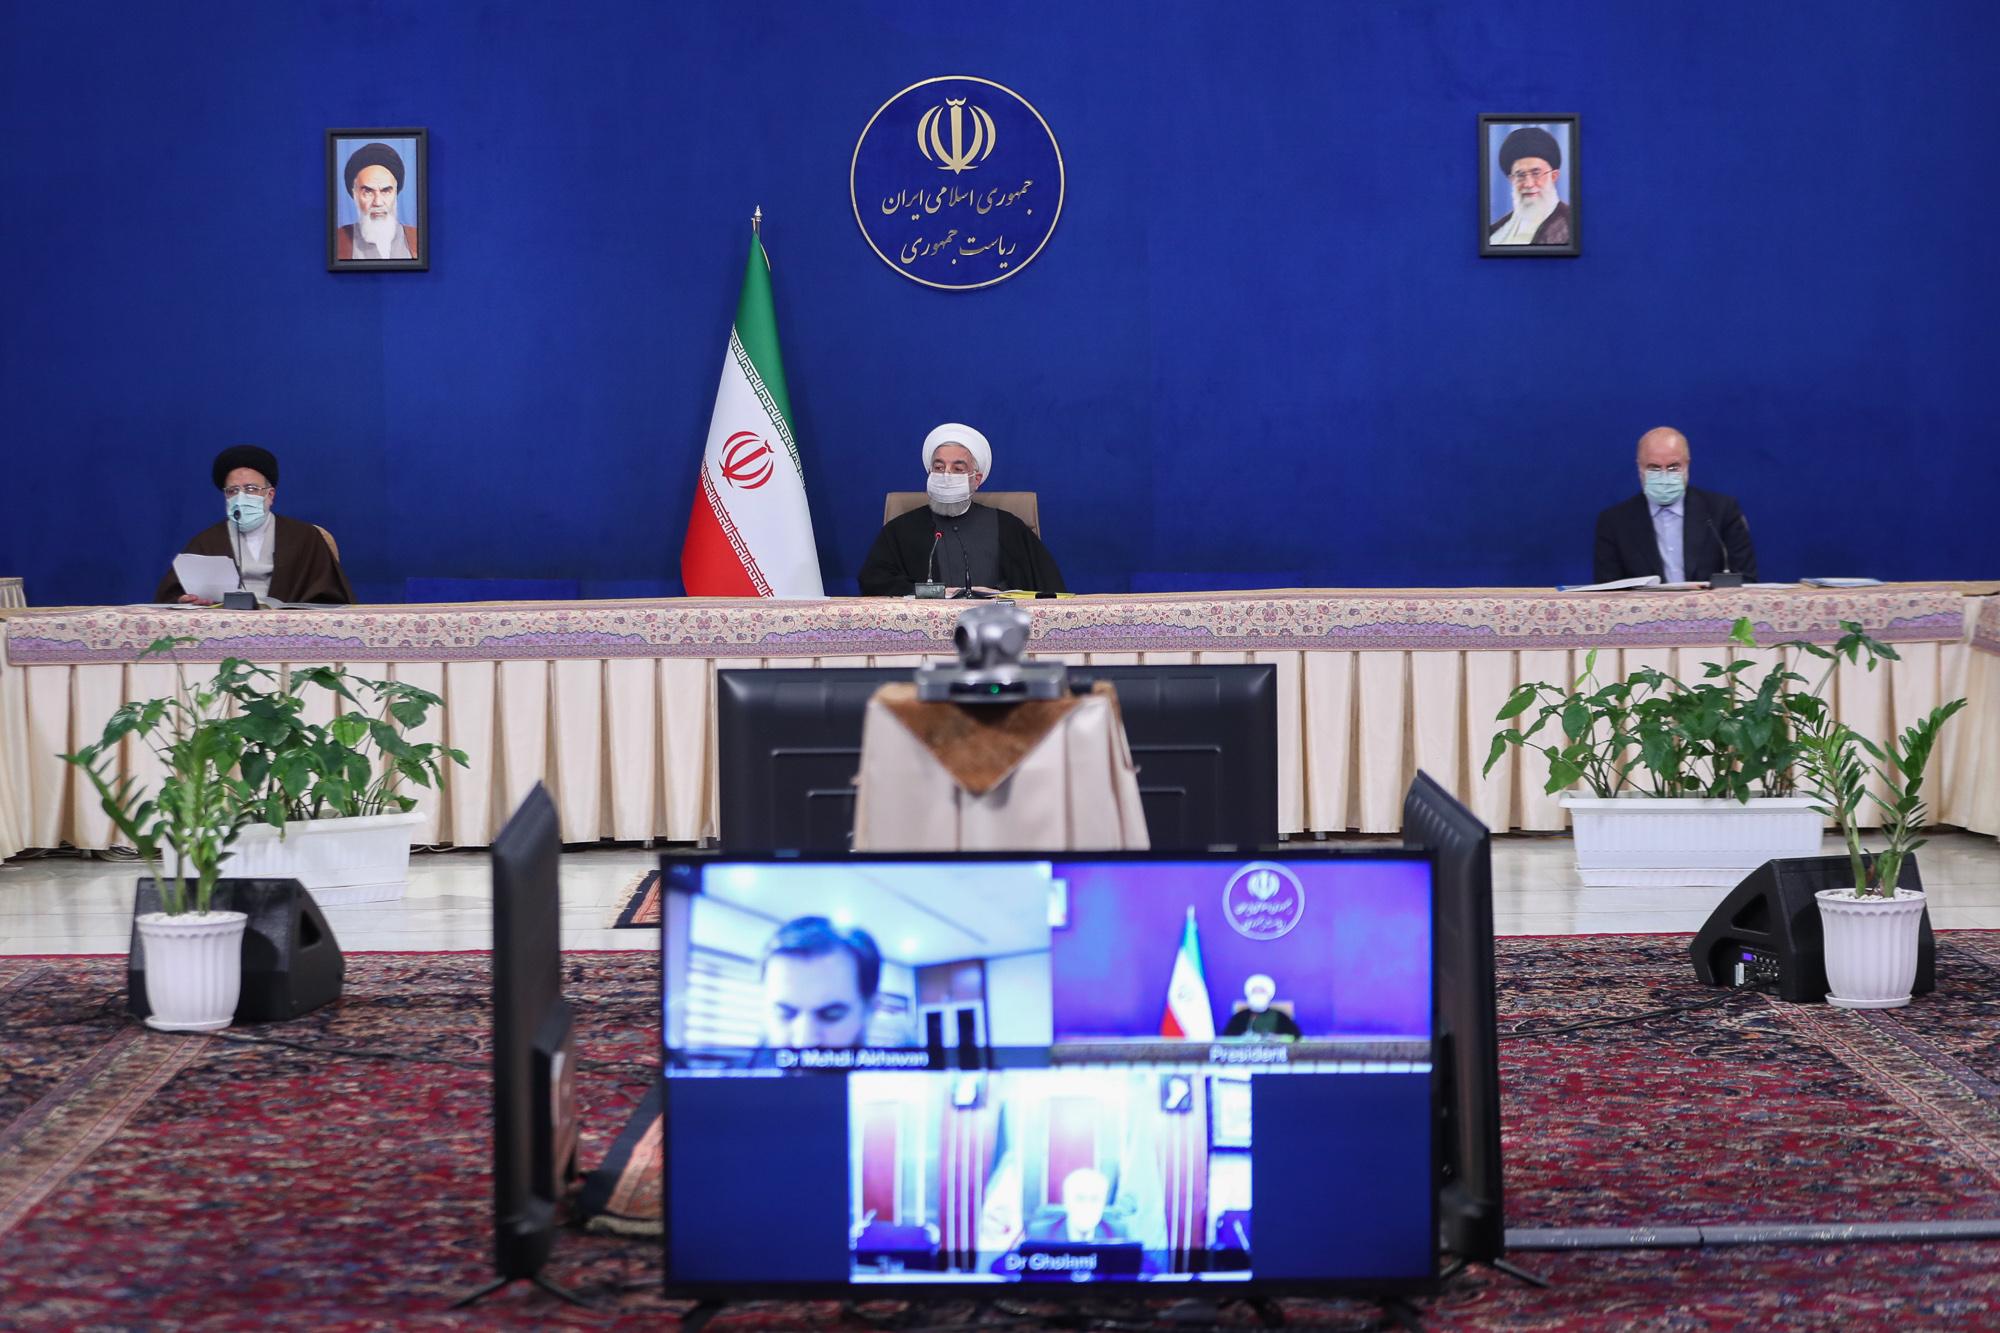 نقش دولت روحانی در توسعه نامتوازن اینترنت